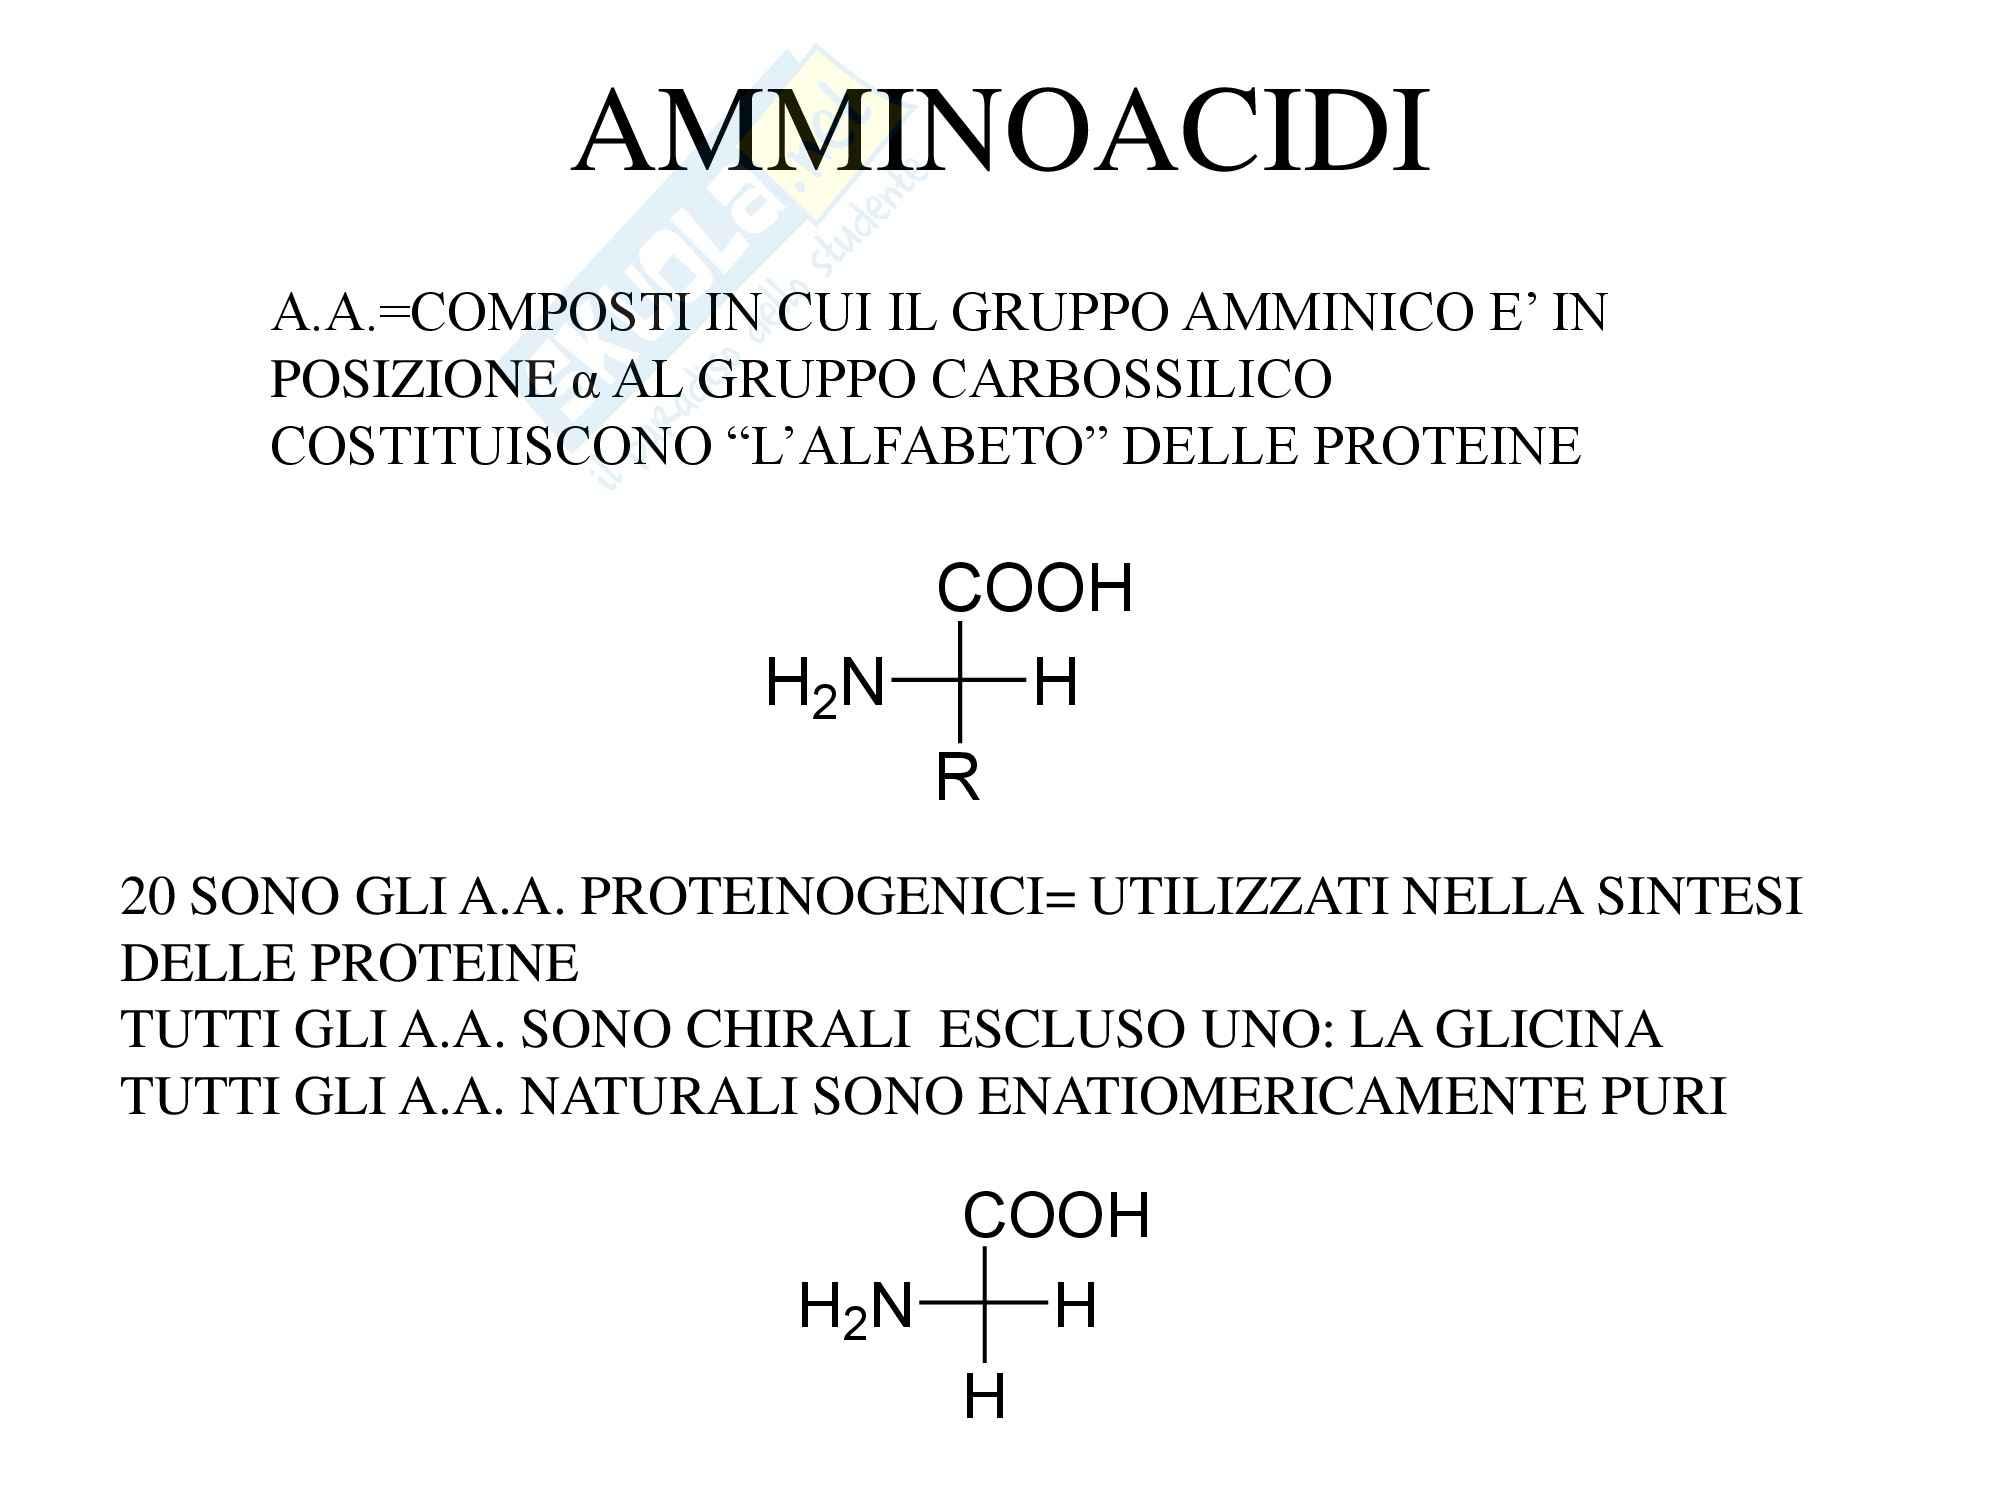 Chimica organica - amminoacidi